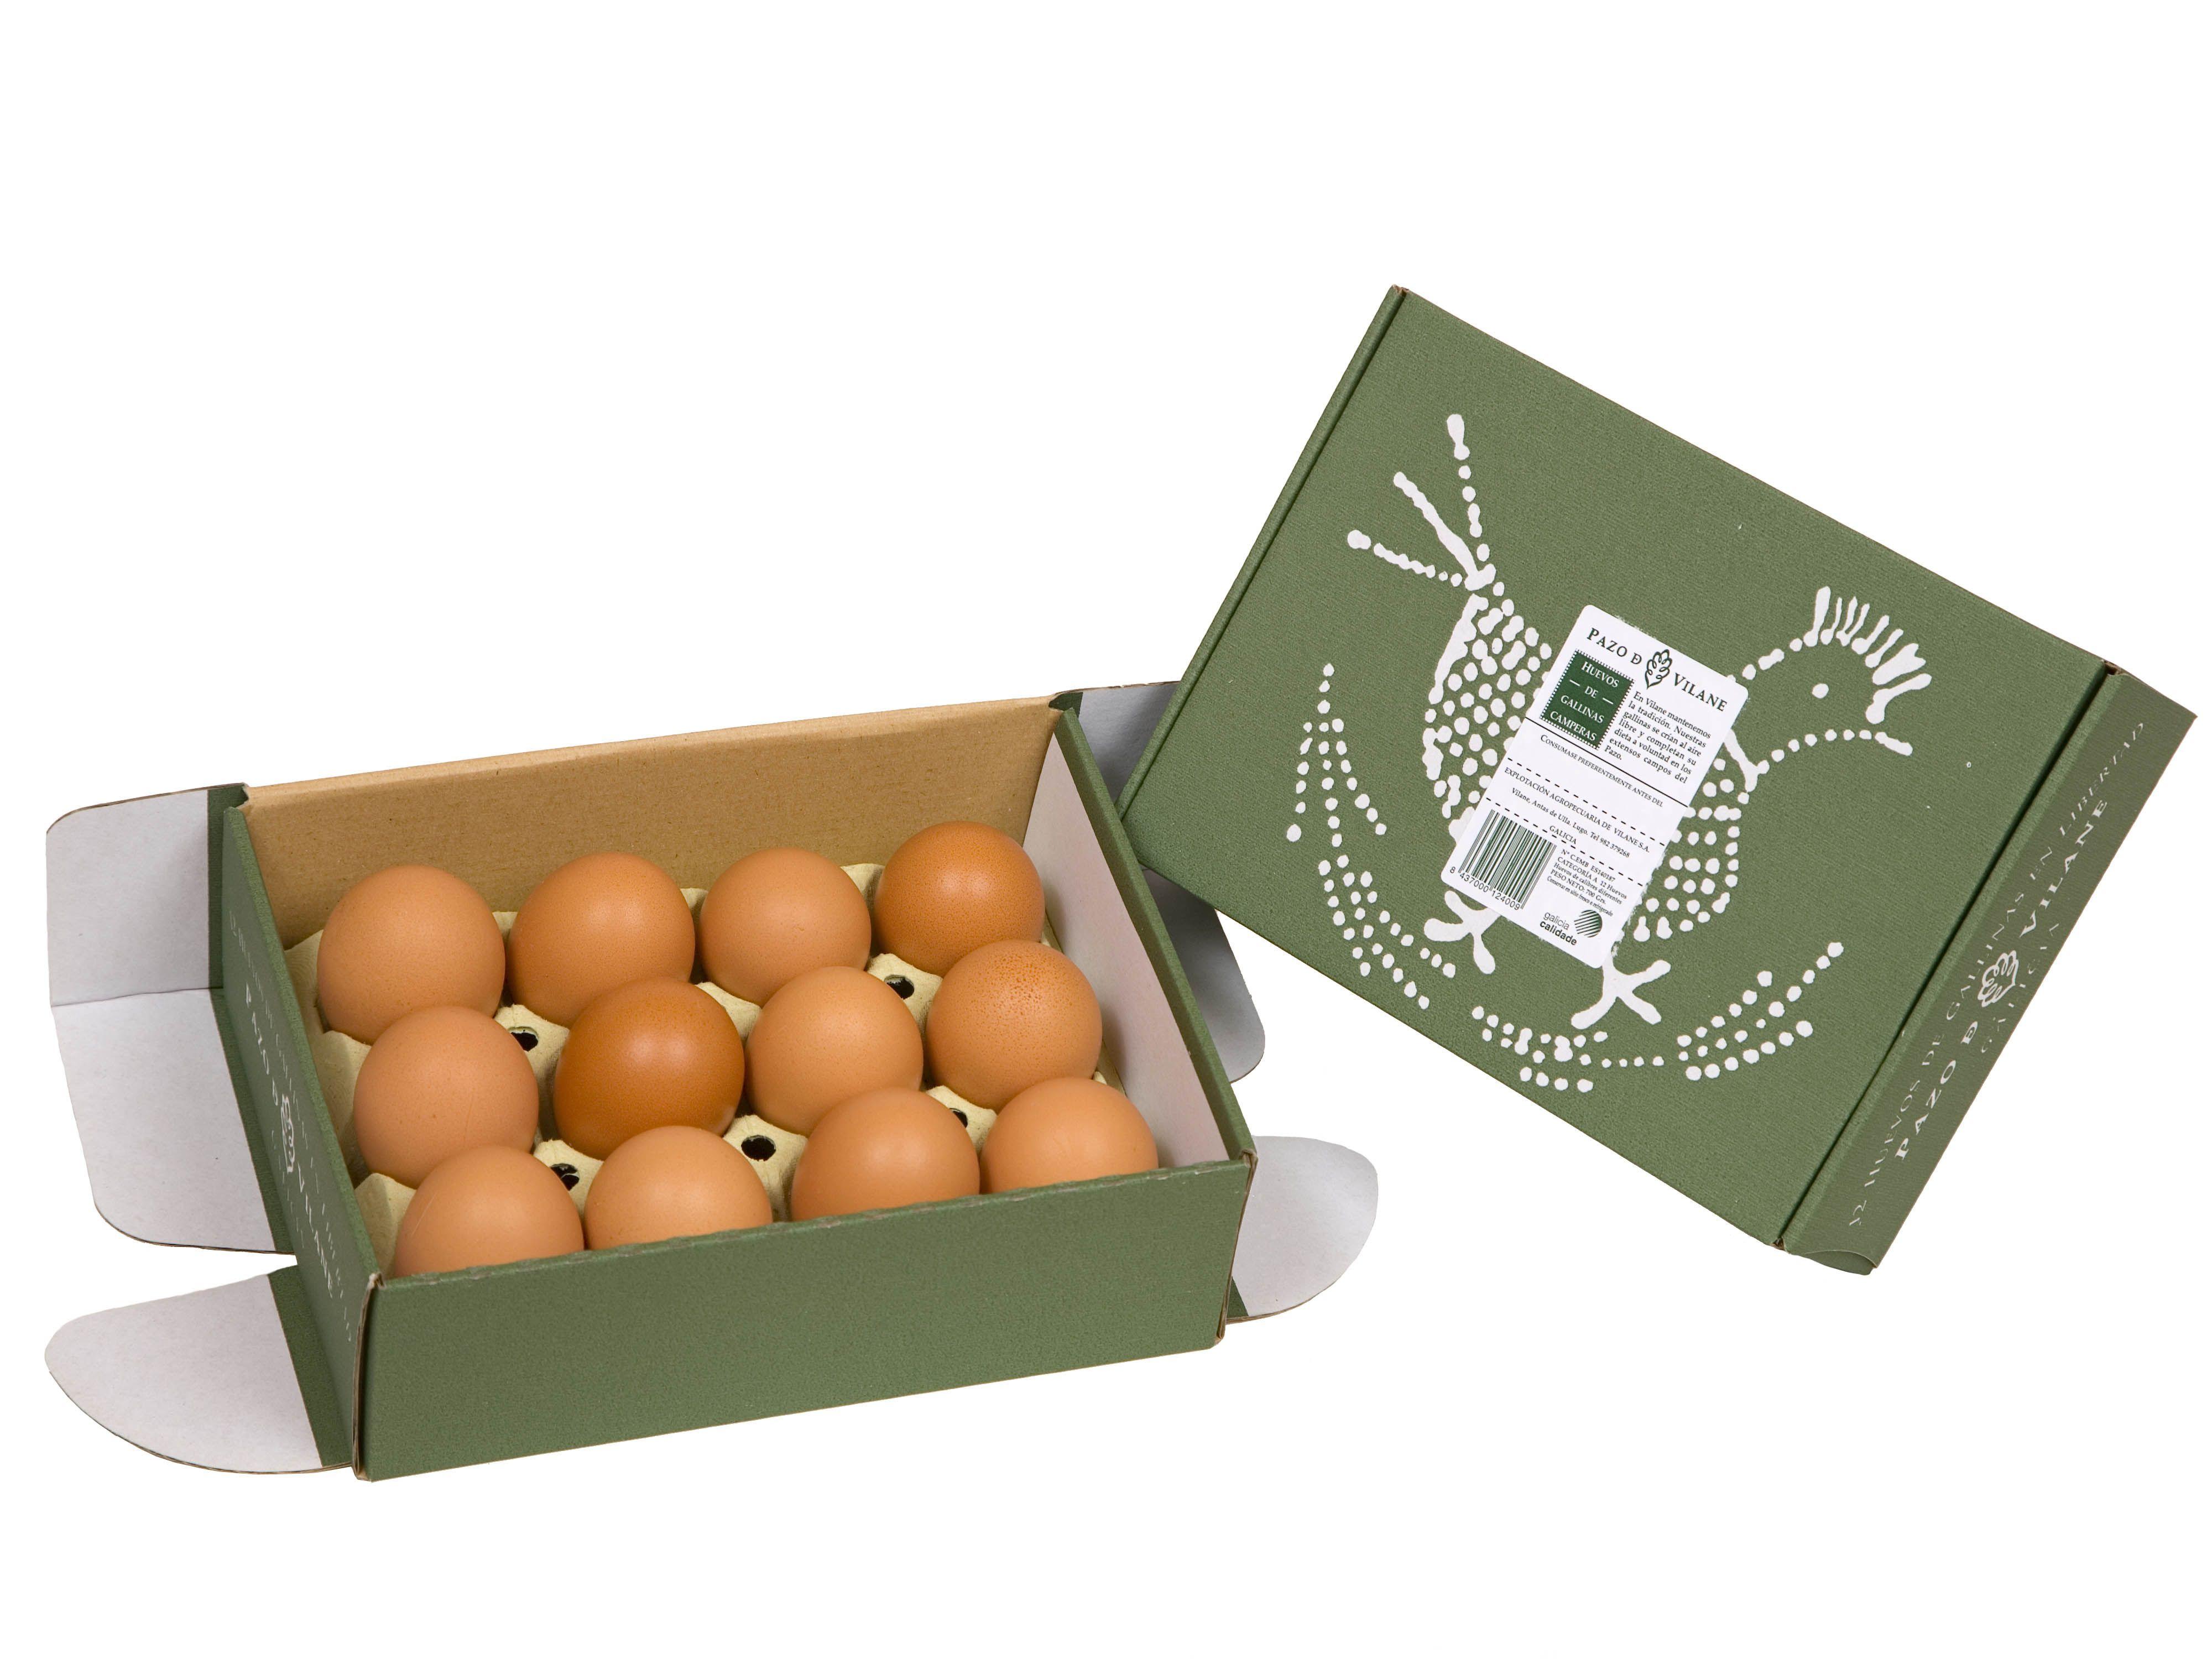 El huevo campero Pazo de Vilane a la venta en supermercados Eroski de Galicia